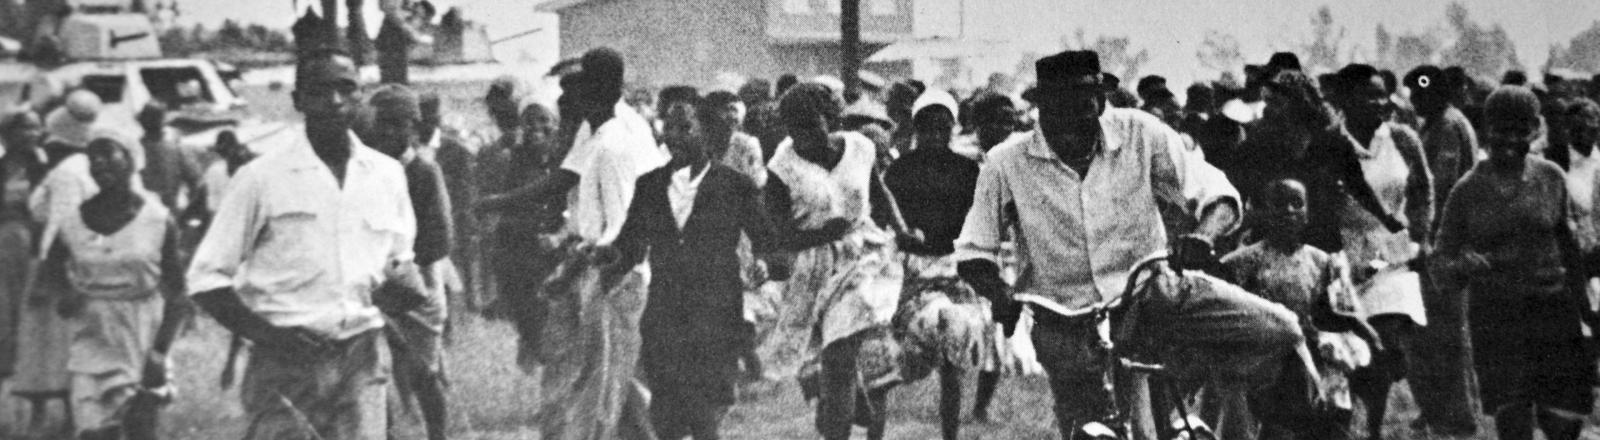 Das Massaker von Sharpeville